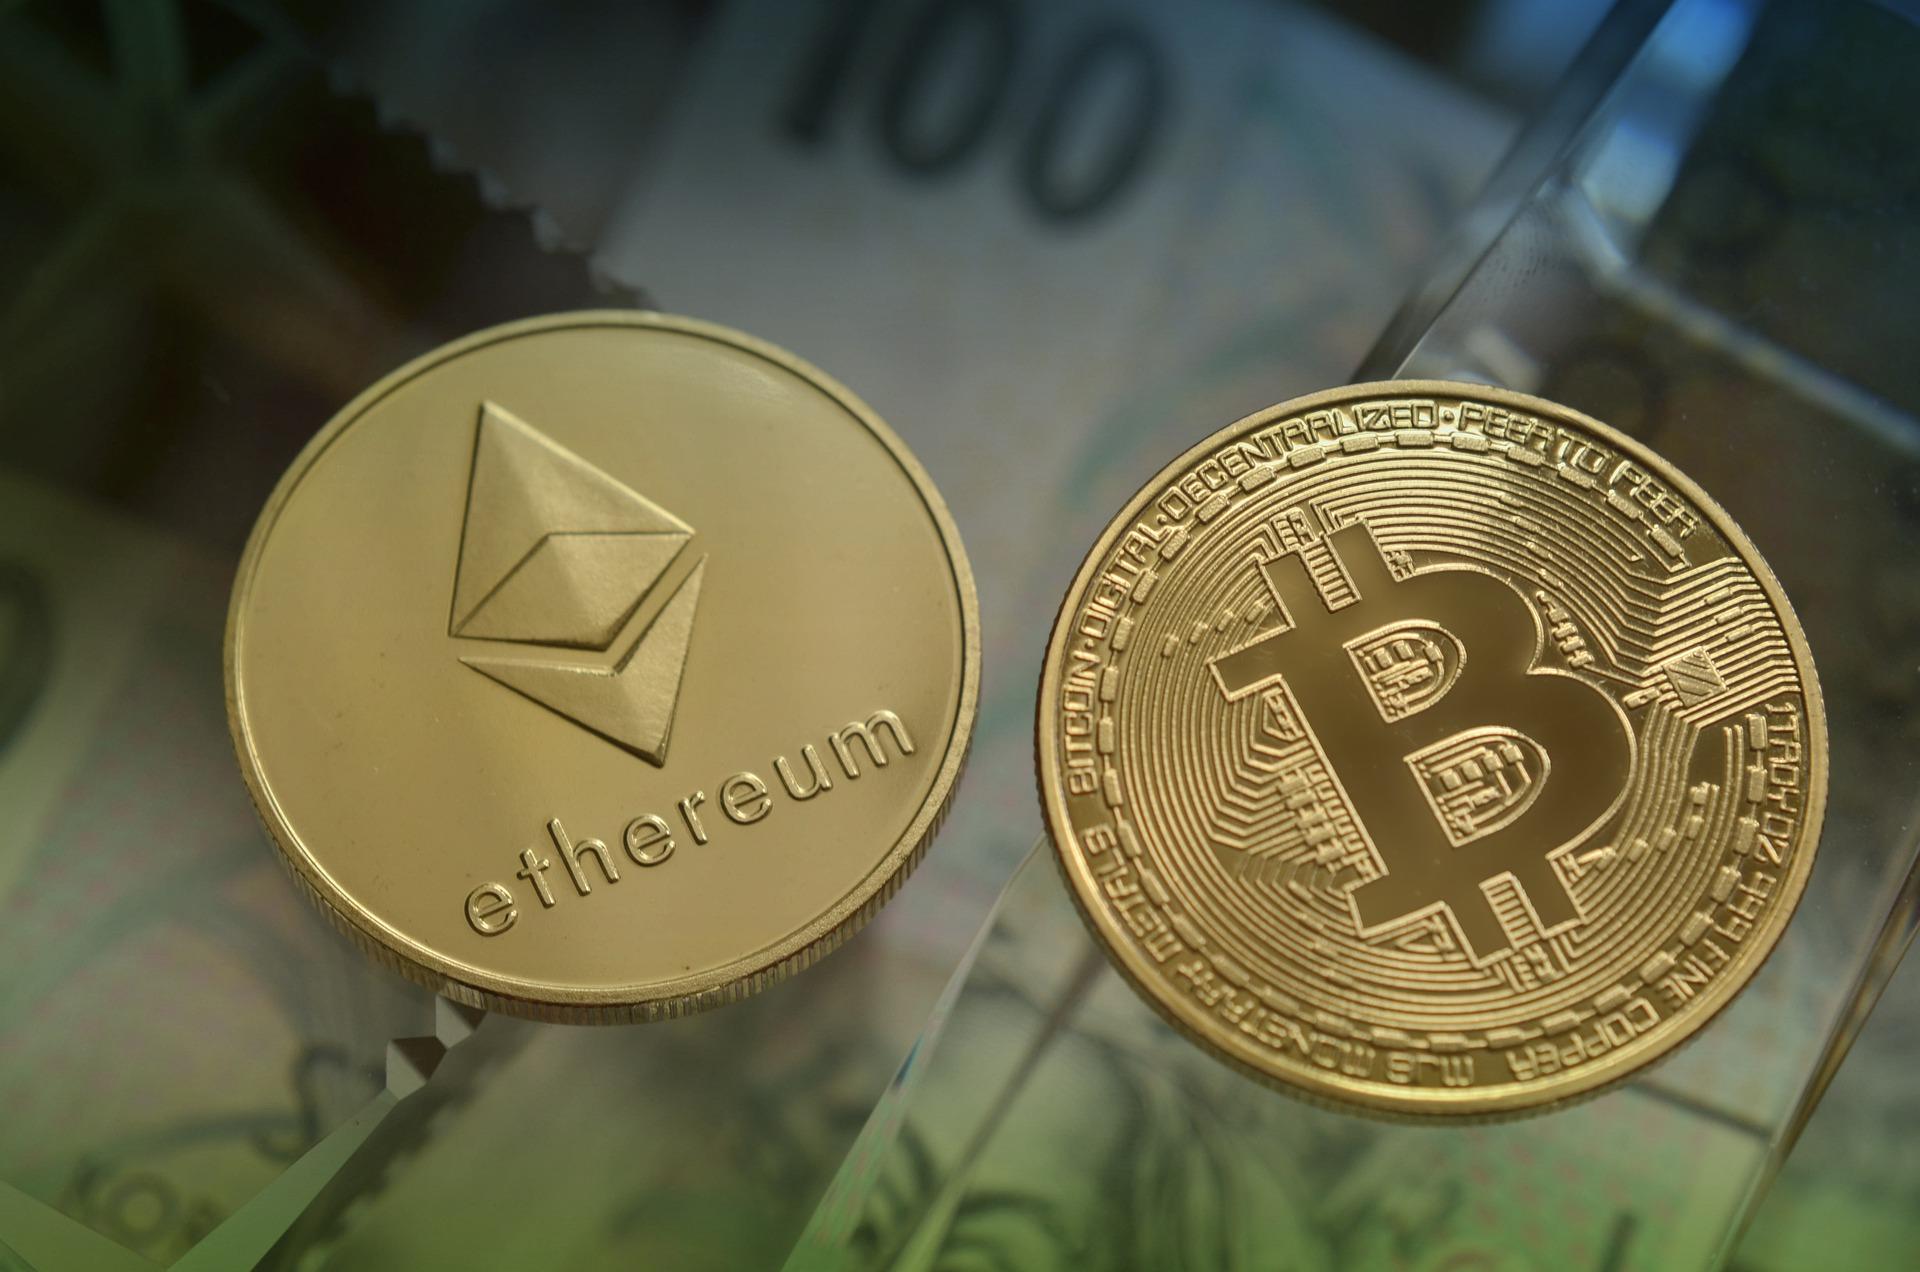 Transakce za hubičku – transakční poplatky bitcoinu a etherea značně klesly